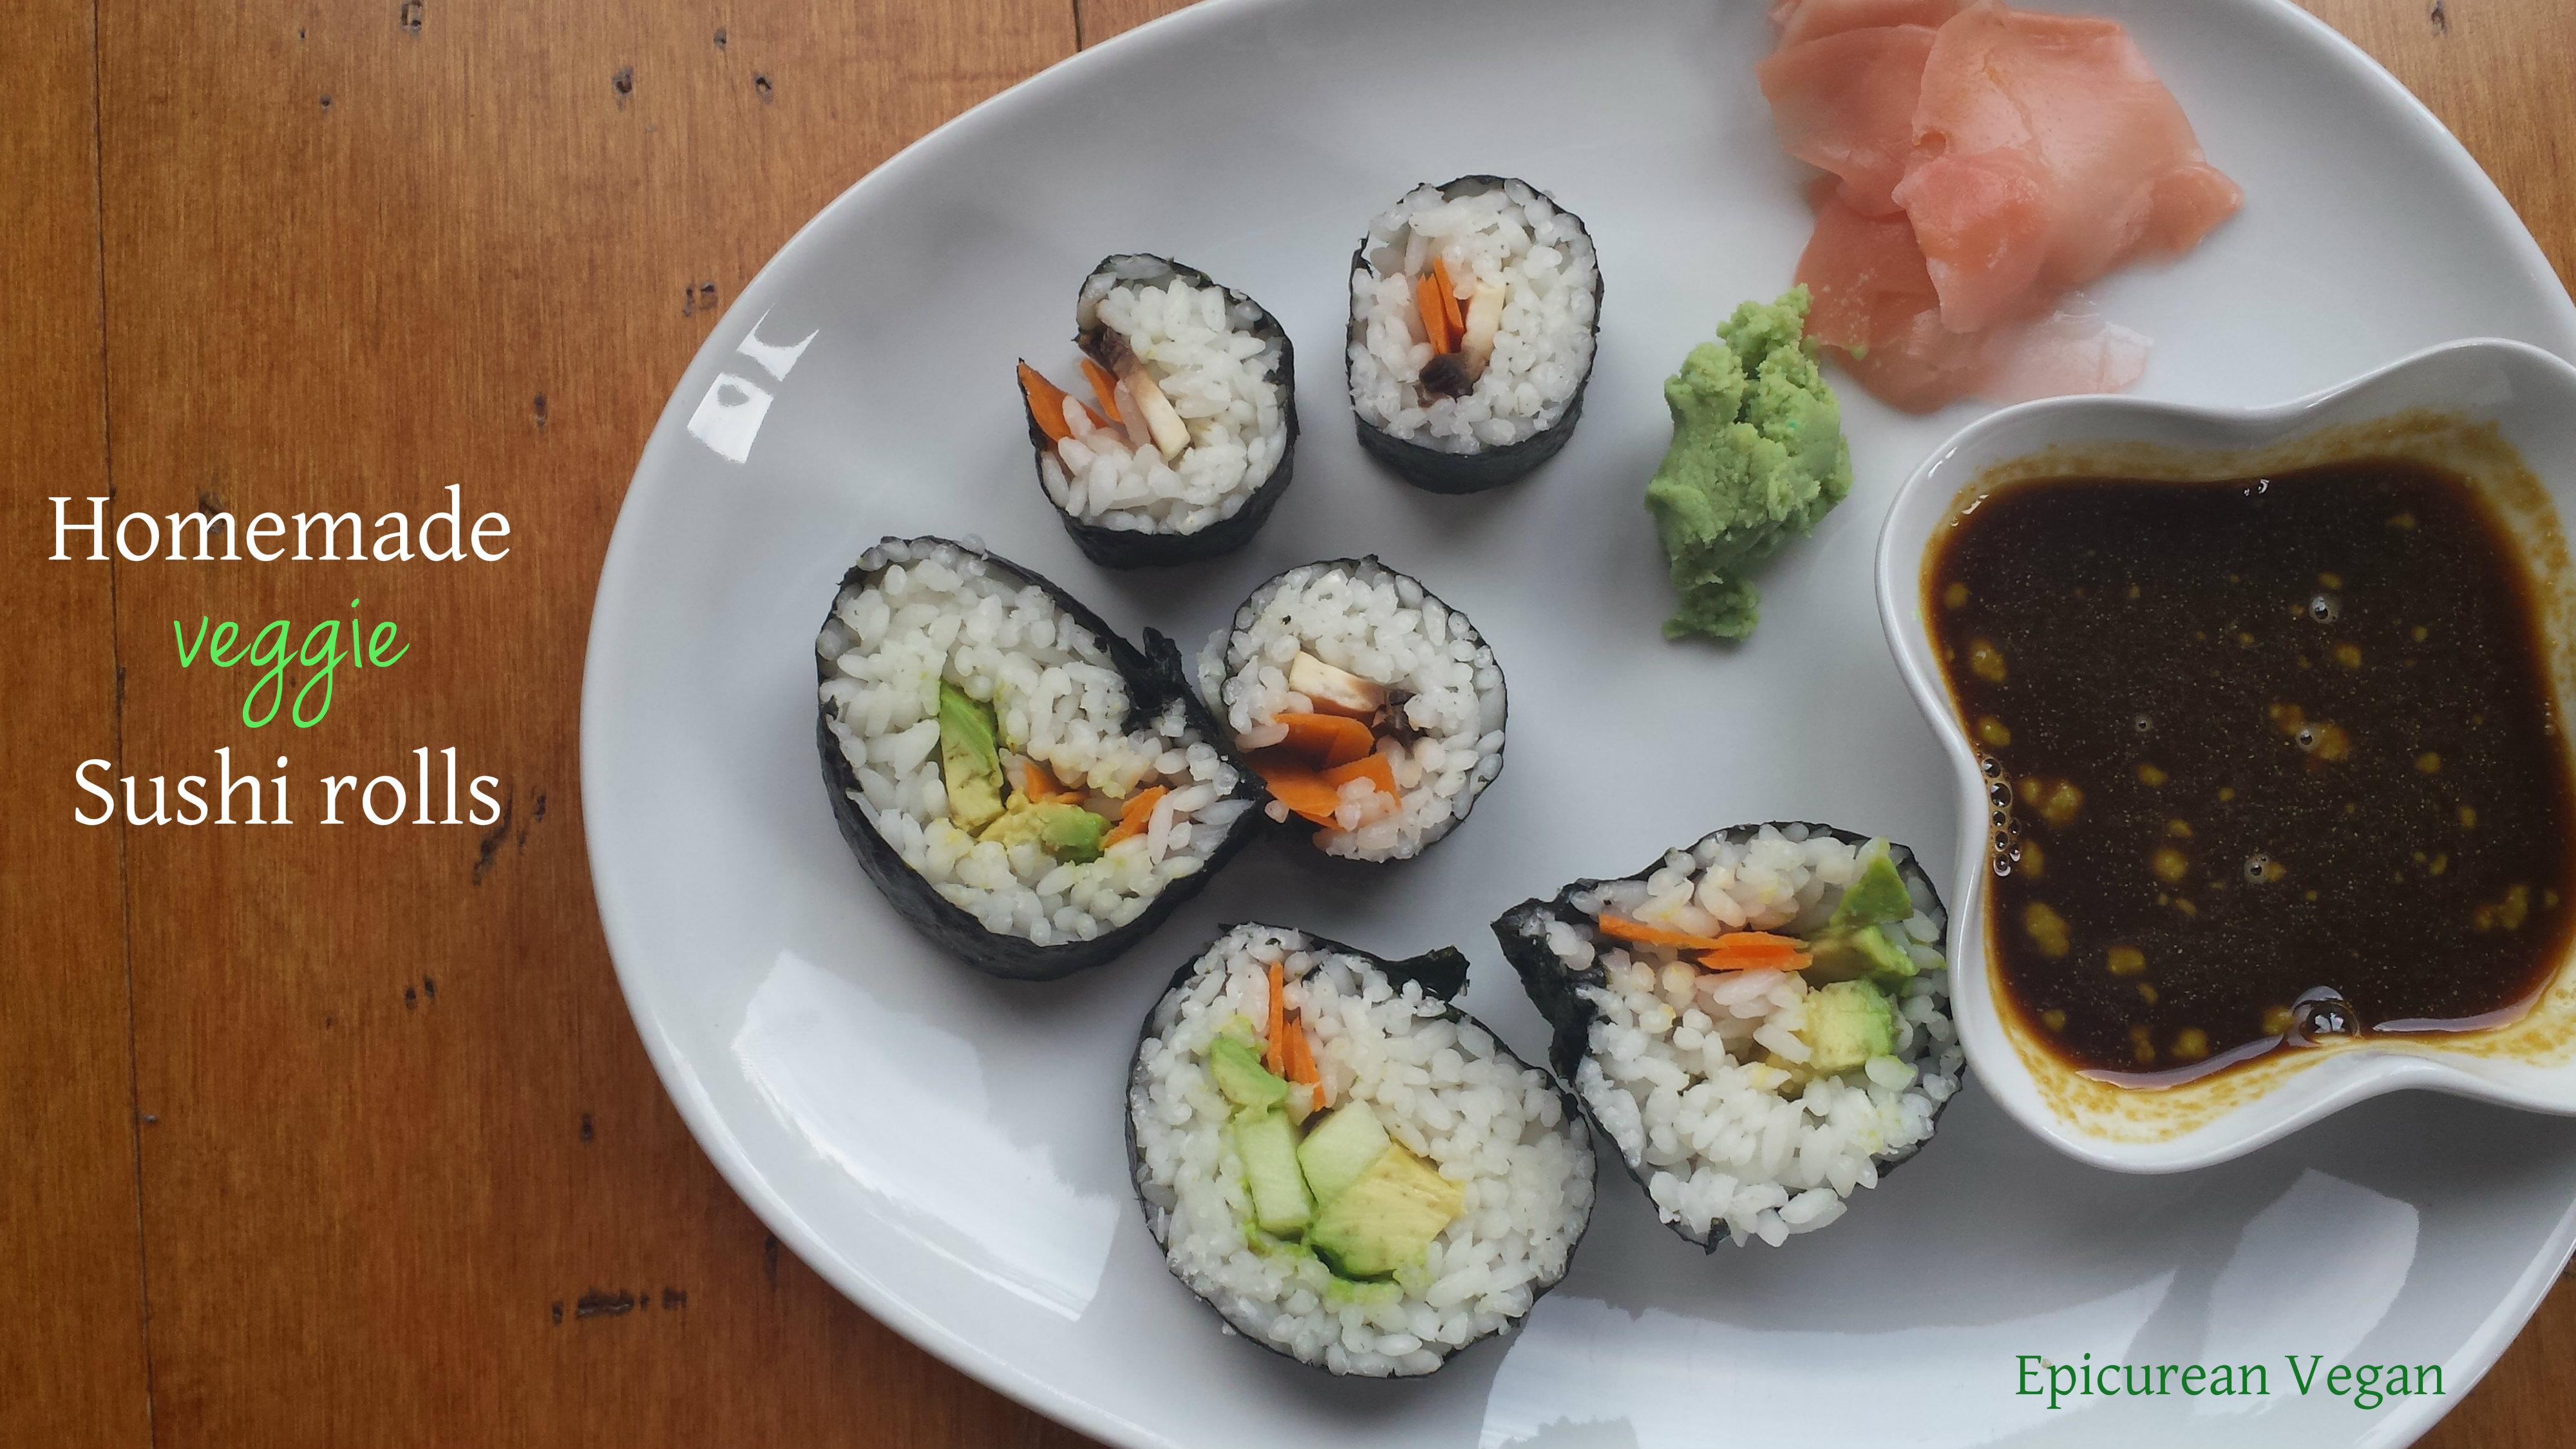 Homemade Veggie Sushi Rolls -- Epicurean Vegan